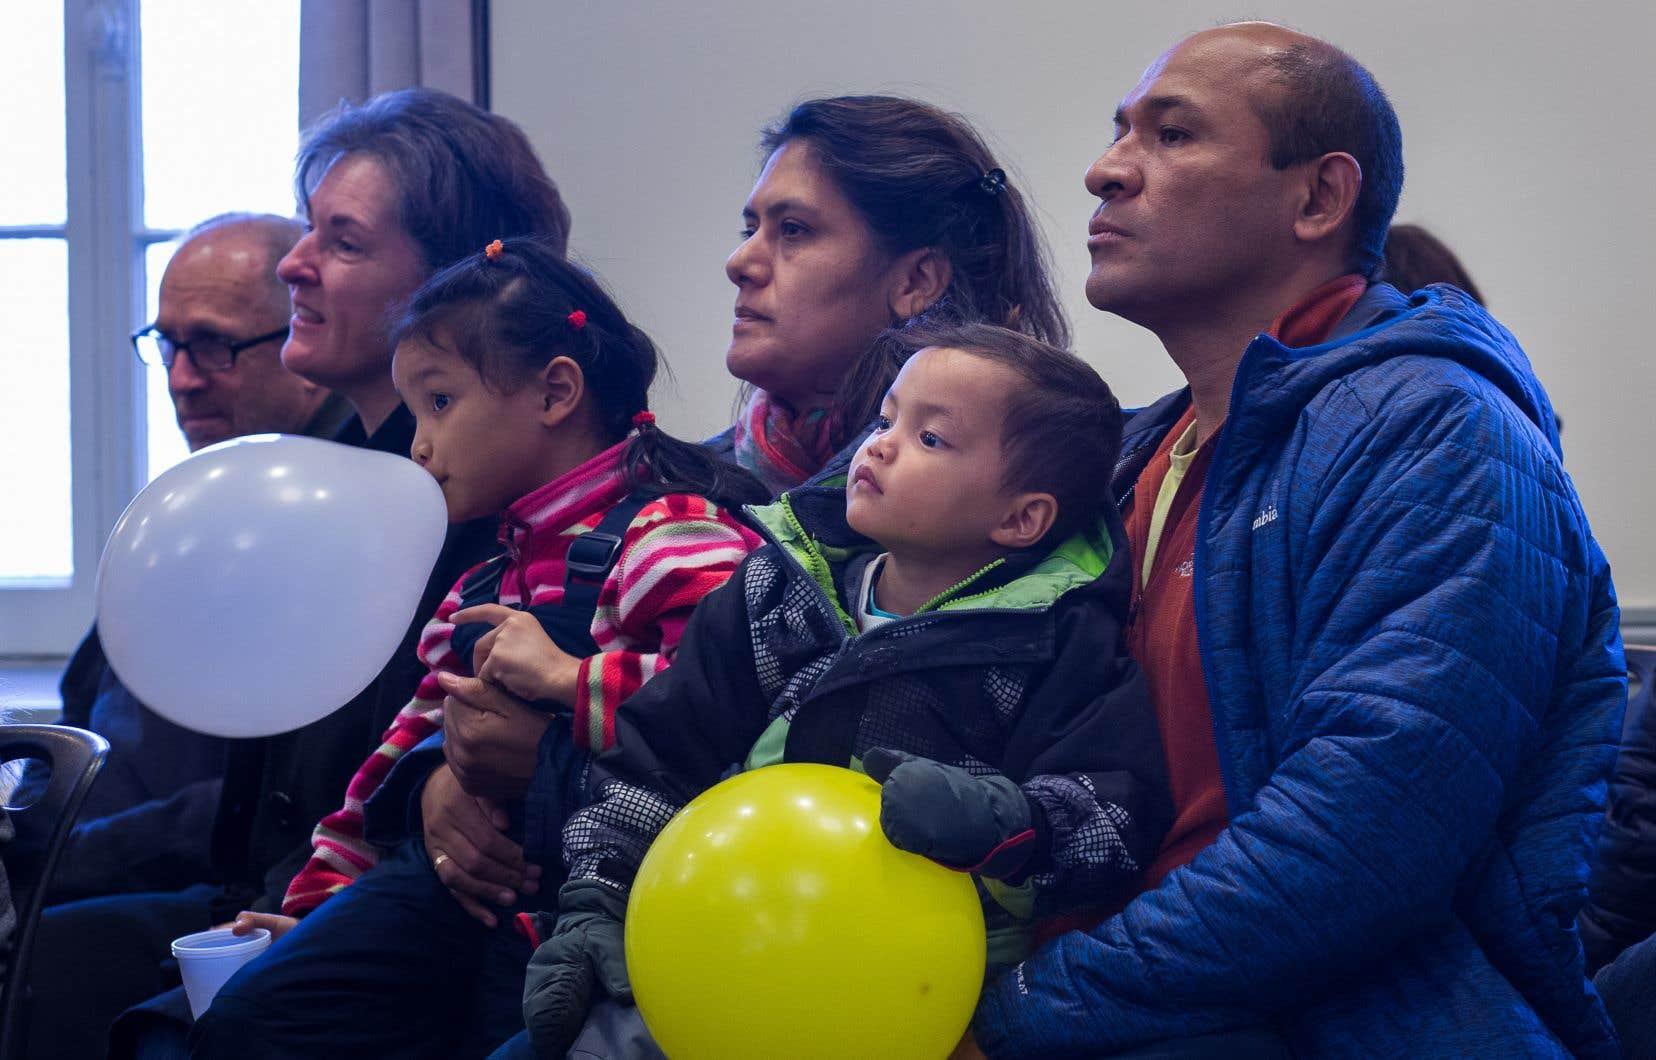 Luis Olano est revenu de Thaïlande avec sa conjointe en compagnie de deux jeunes enfants il y a seulement dix jours.